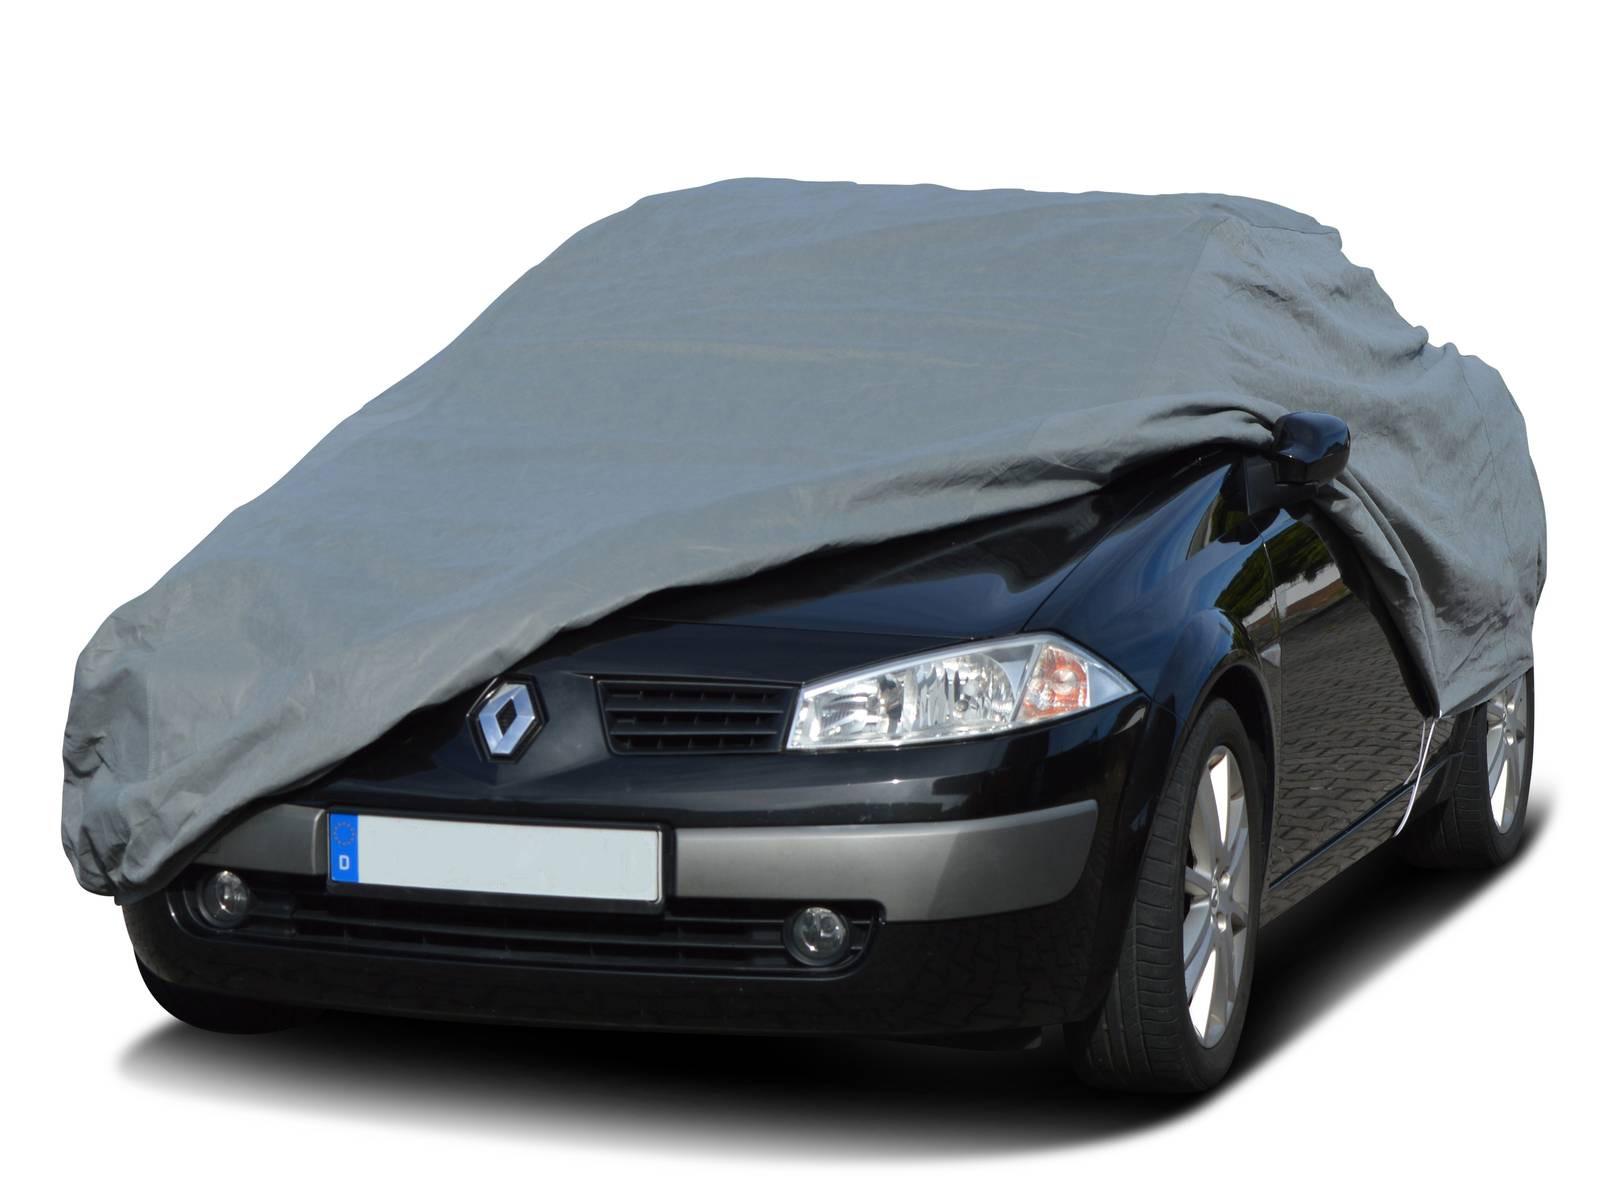 Nuevo Renault Megane 2003 2004 2005 2006-2012 12 V completo de encendedor de cigarrillos